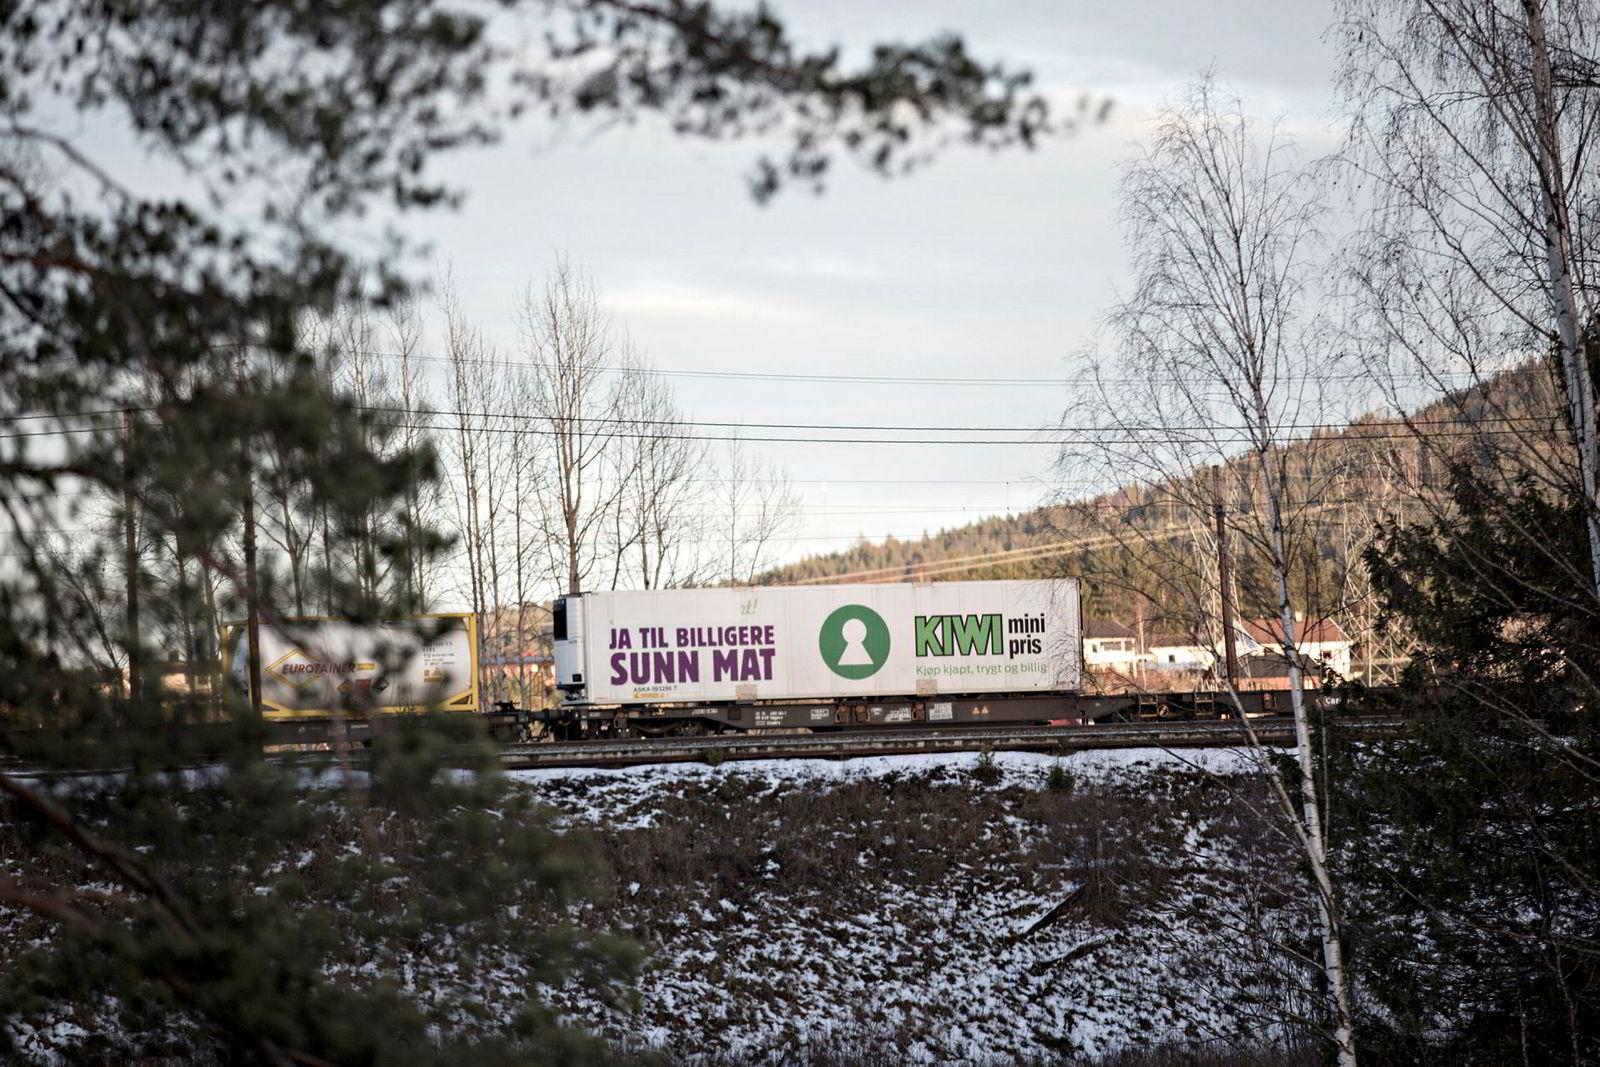 Så langt har det ikke vært fraktet matvarer i egne tog. Her er en kjøle/fryse-konteiner på et godstog på Bergensbanen ved Sokna.